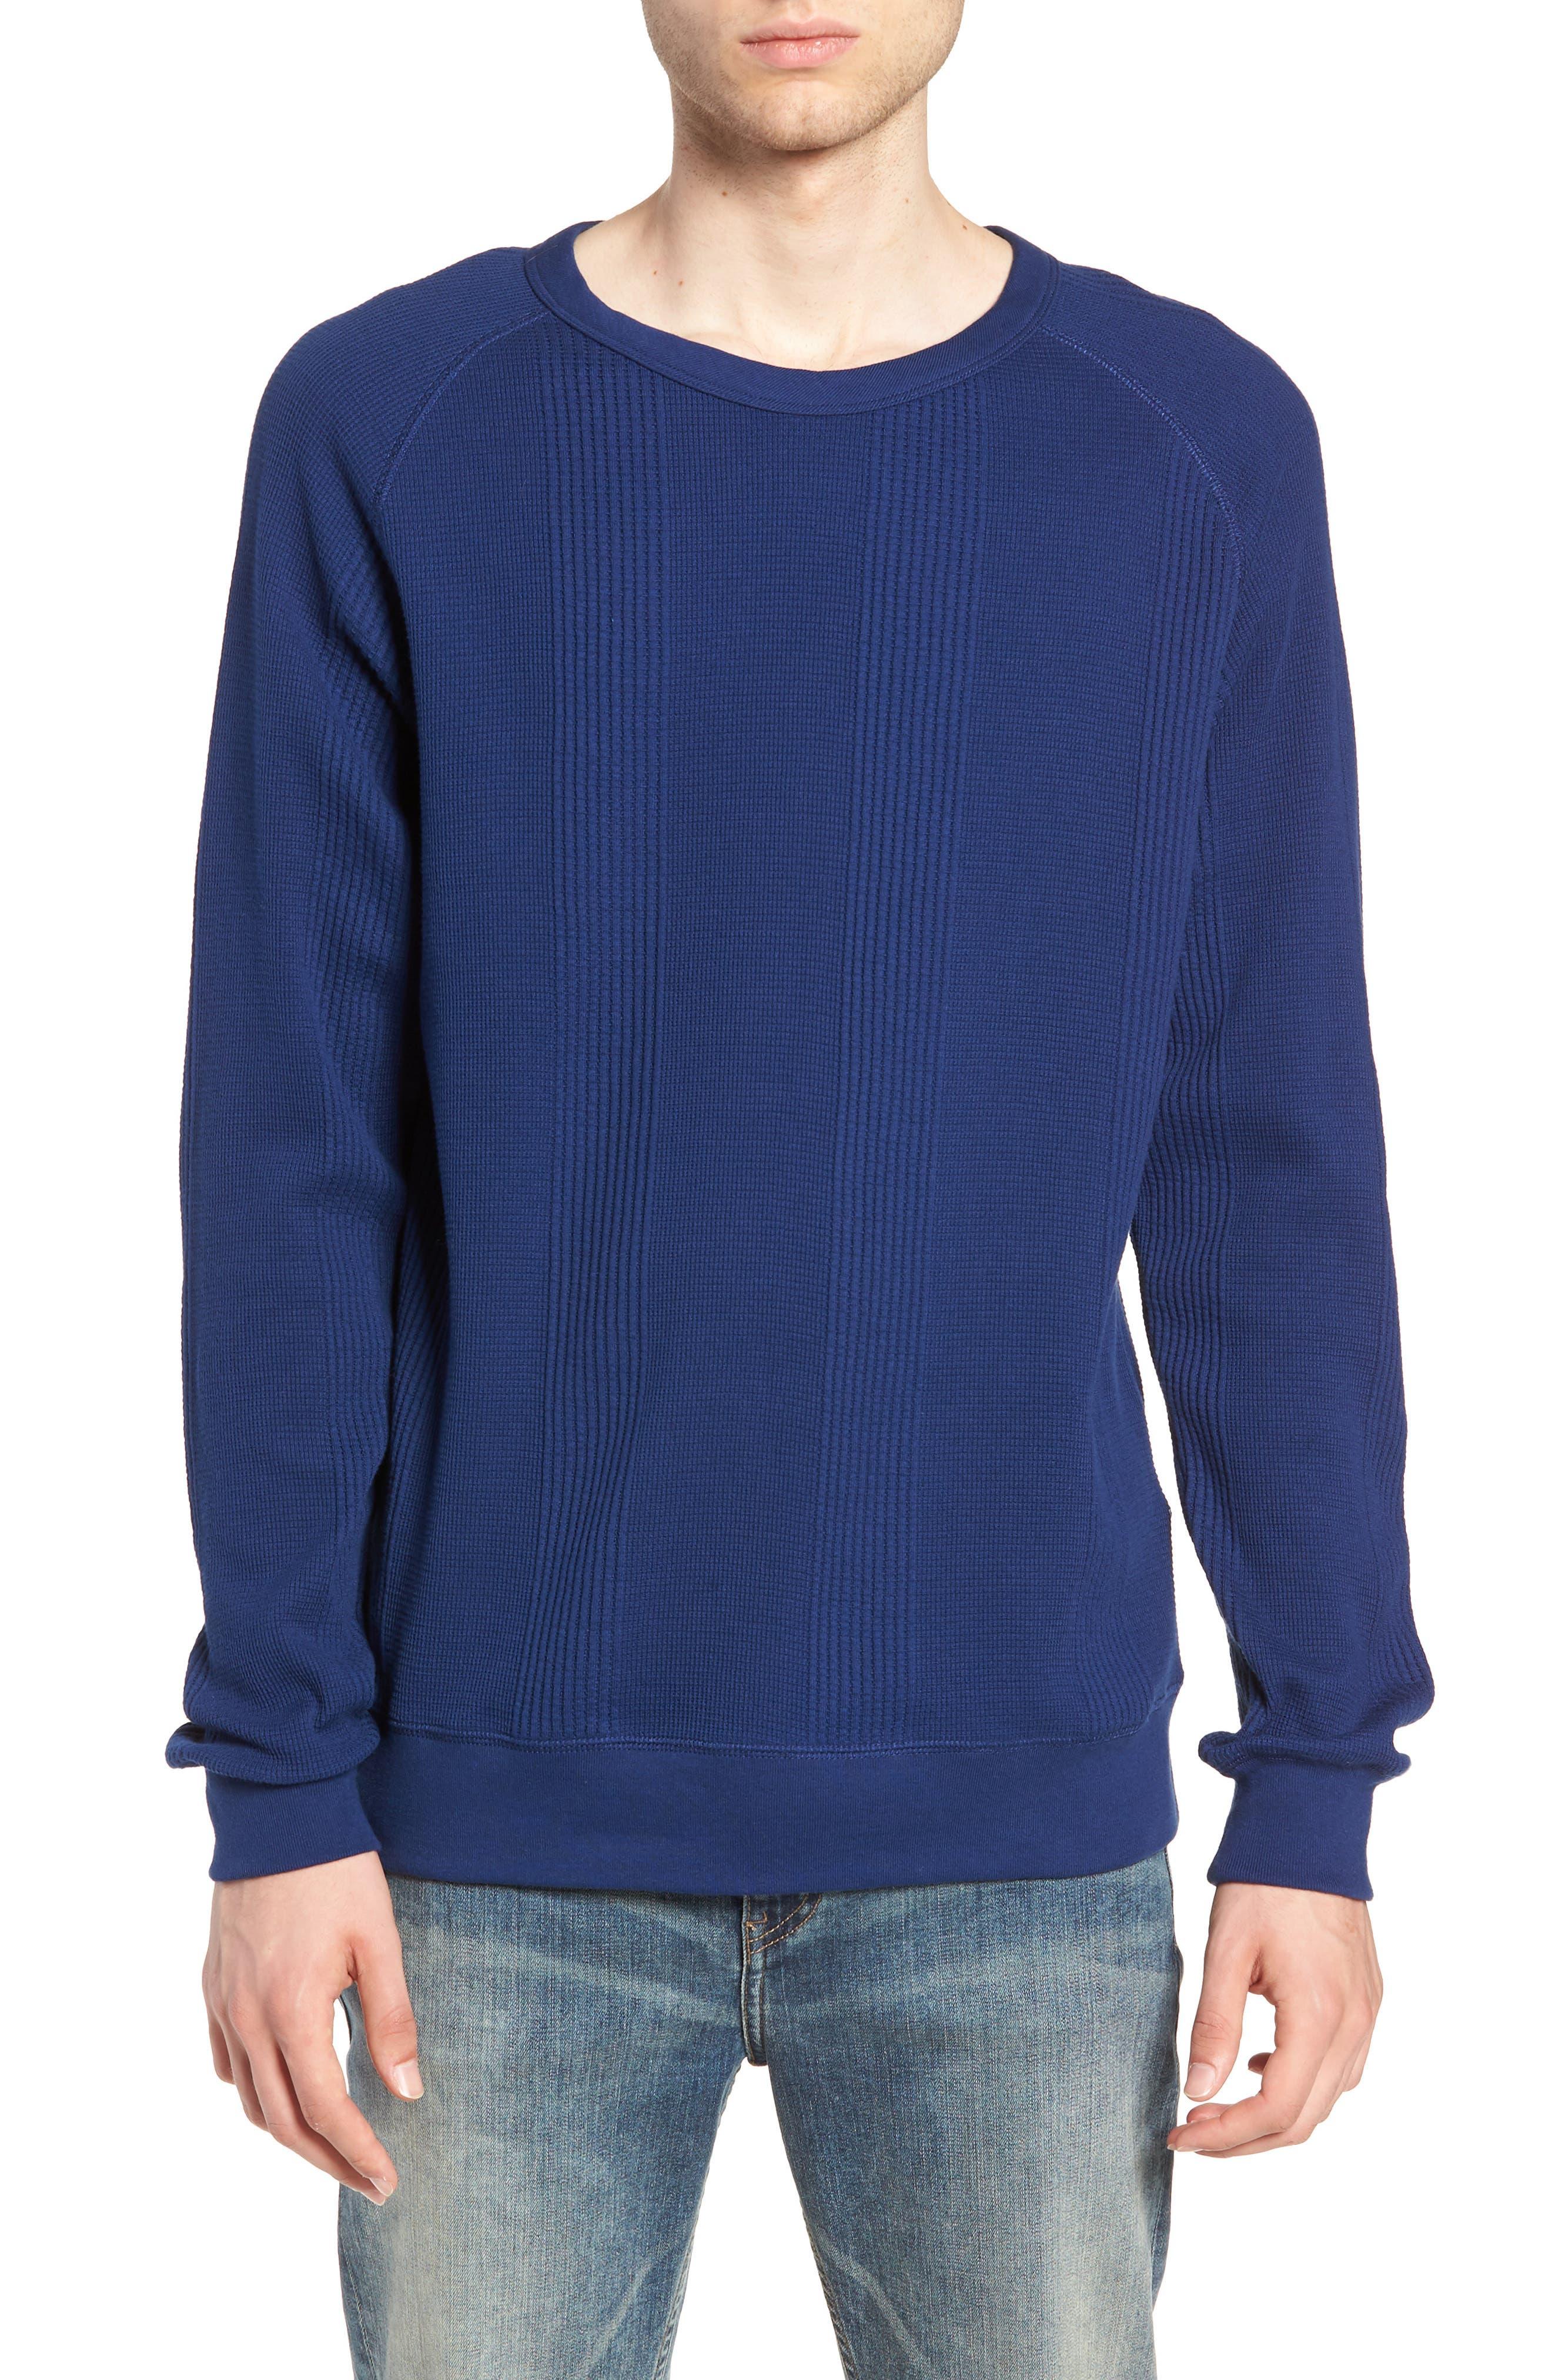 Kasu Waffle Stripe Sweater,                         Main,                         color, COBALT